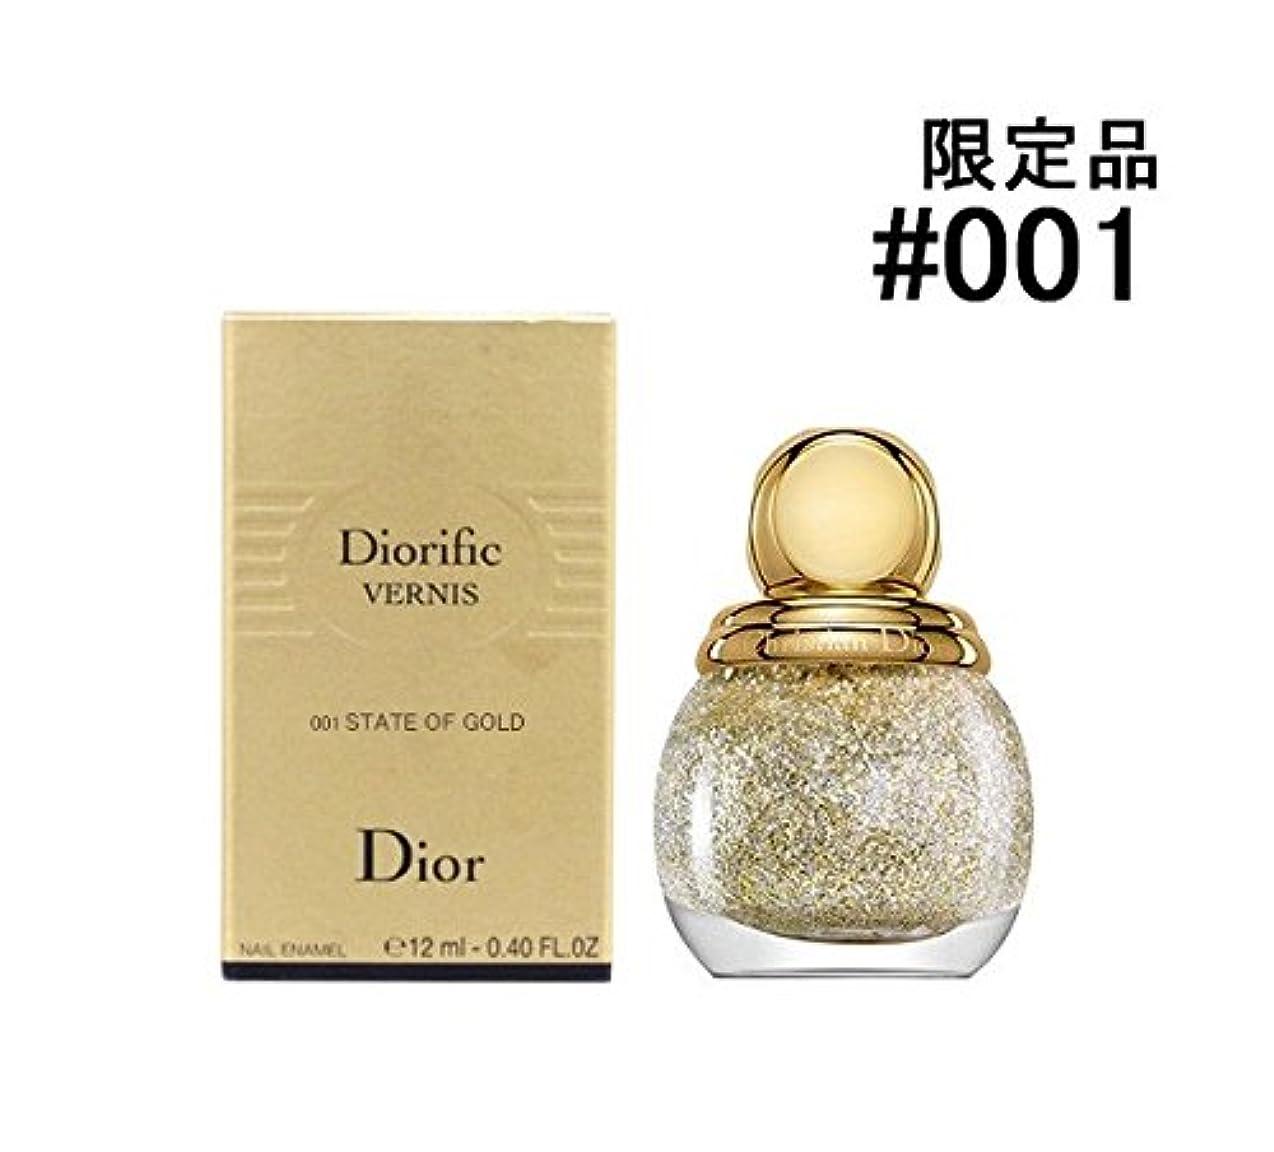 流暢汗浸漬Dior ディオール ヴェルニ ディオリフィック【限定品】12ml (#001 ステート オブ ゴールド) [並行輸入品]